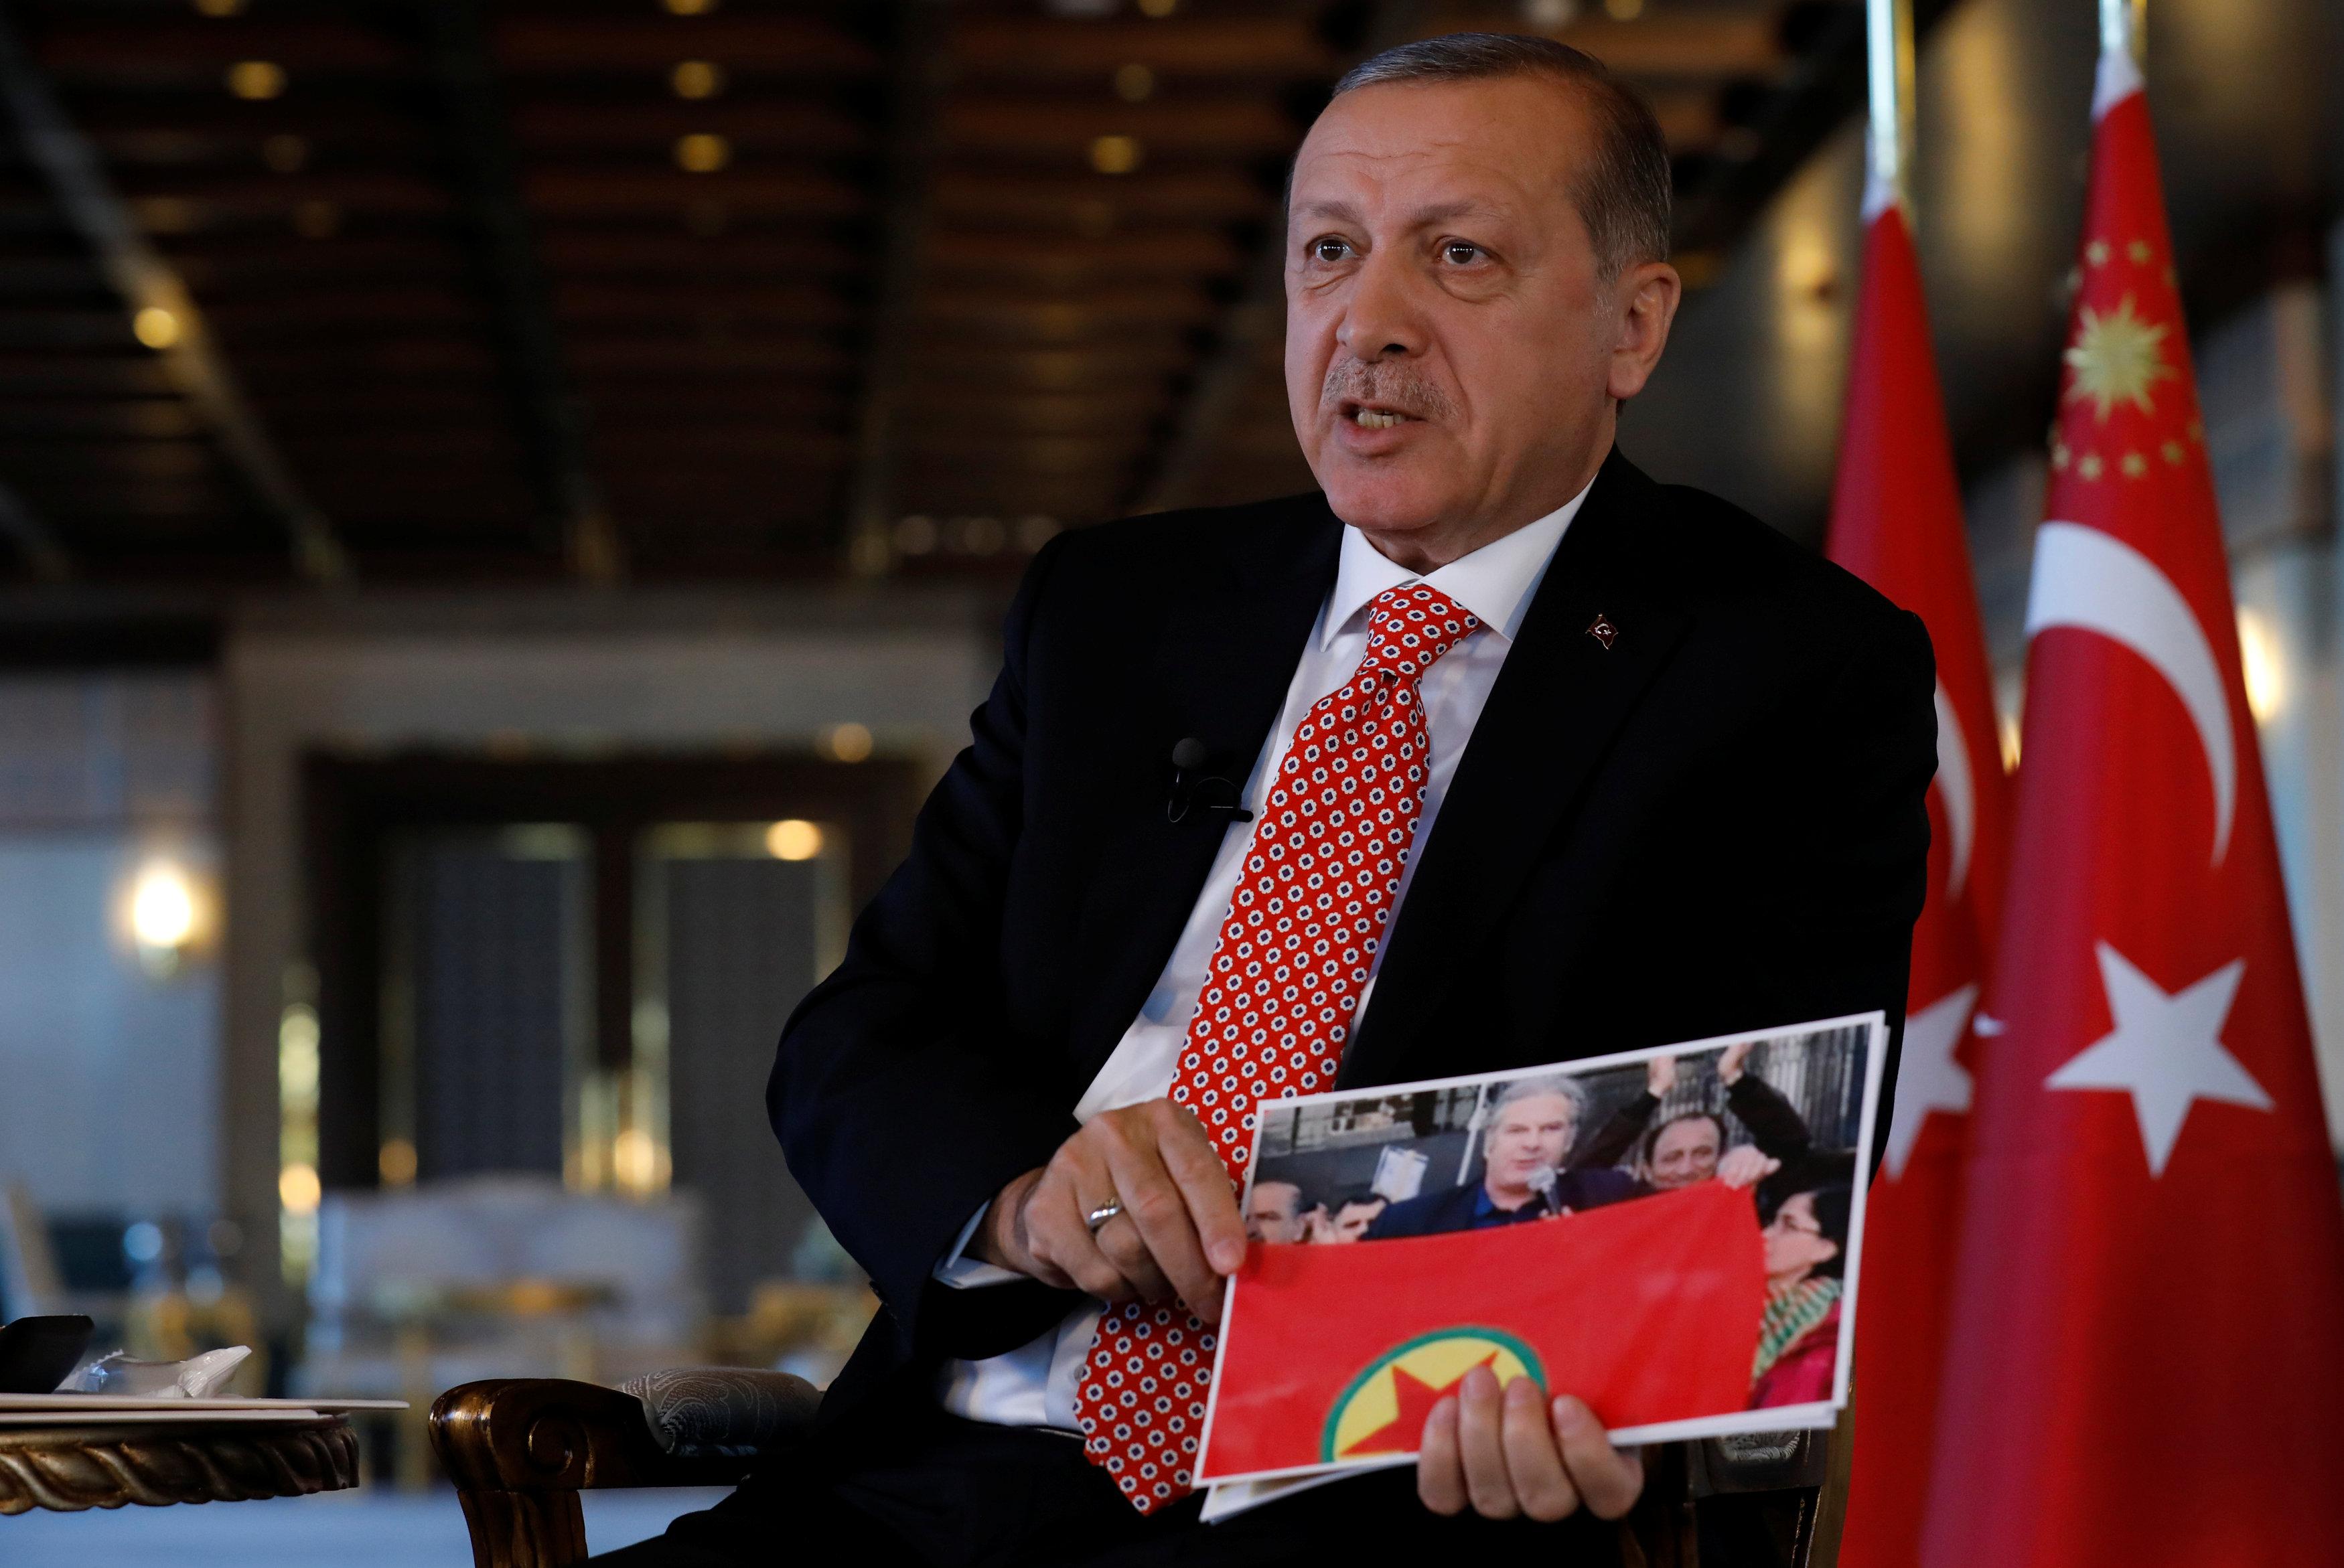 2017 04 25T183030Z 1338065433 RC1EB16387A0 RTRMADP 3 TURKEY POLITICS ERDOGAN